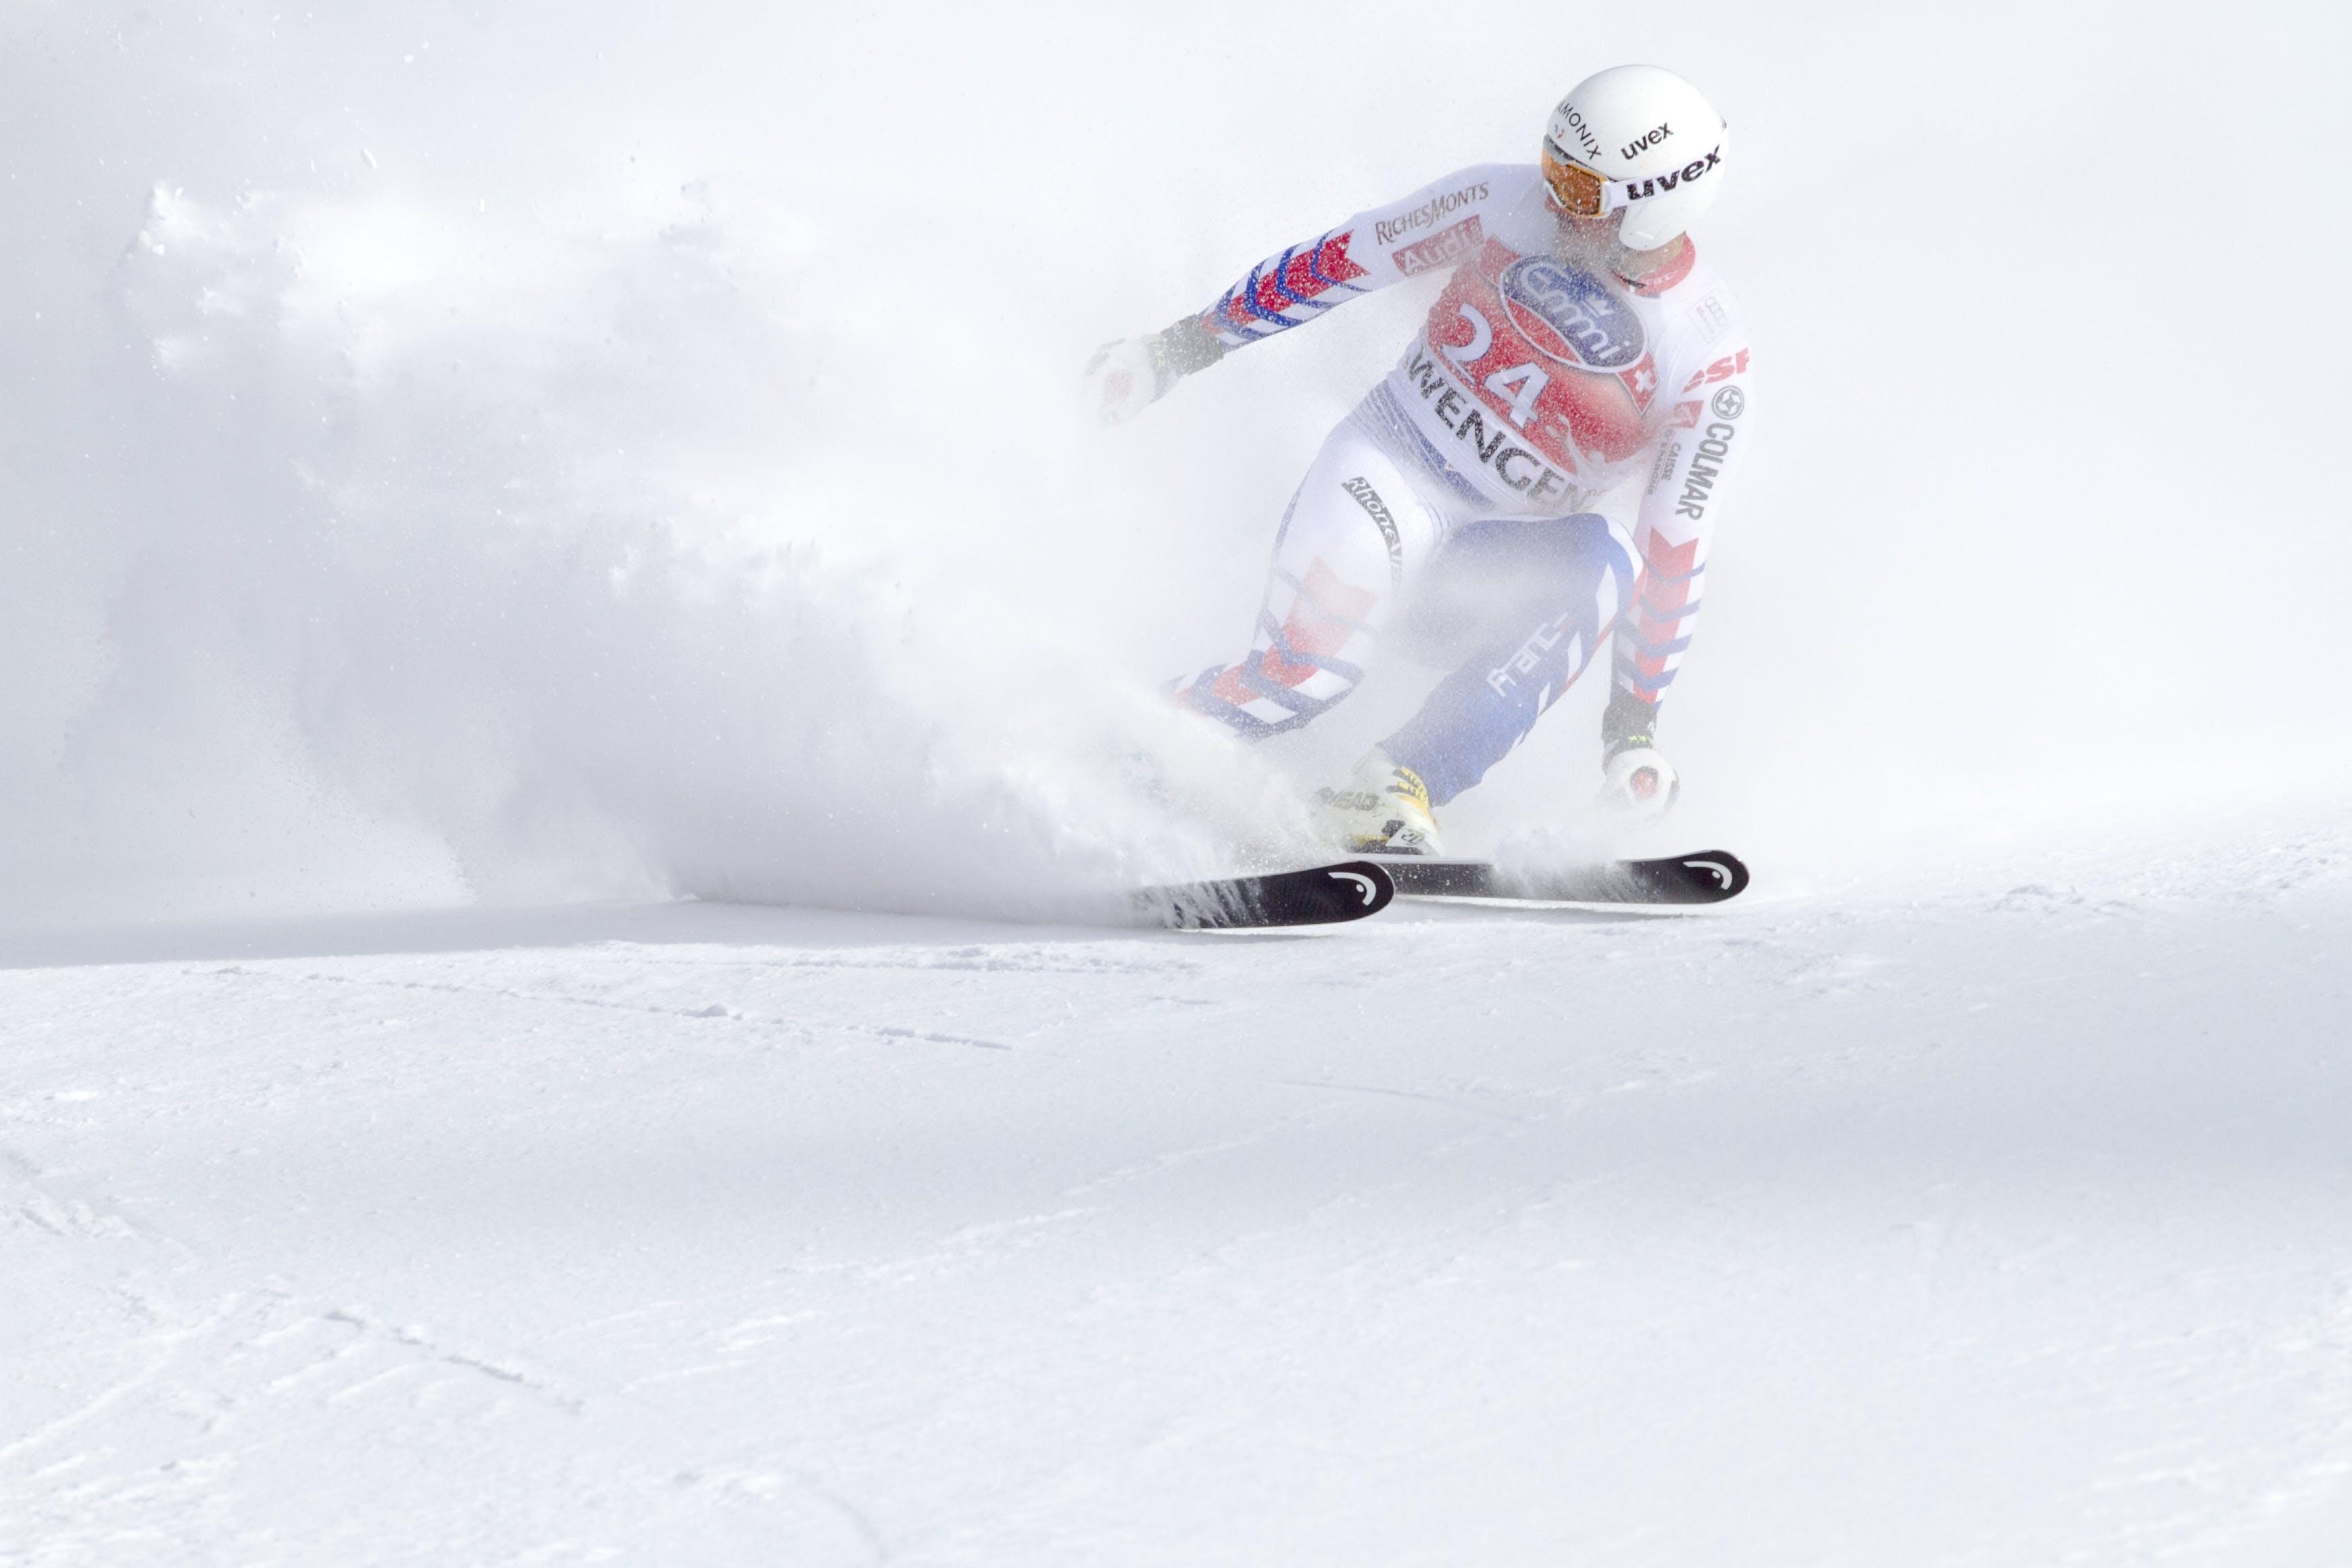 アクション, コールド, スキー, スキーヤーの無料の写真素材